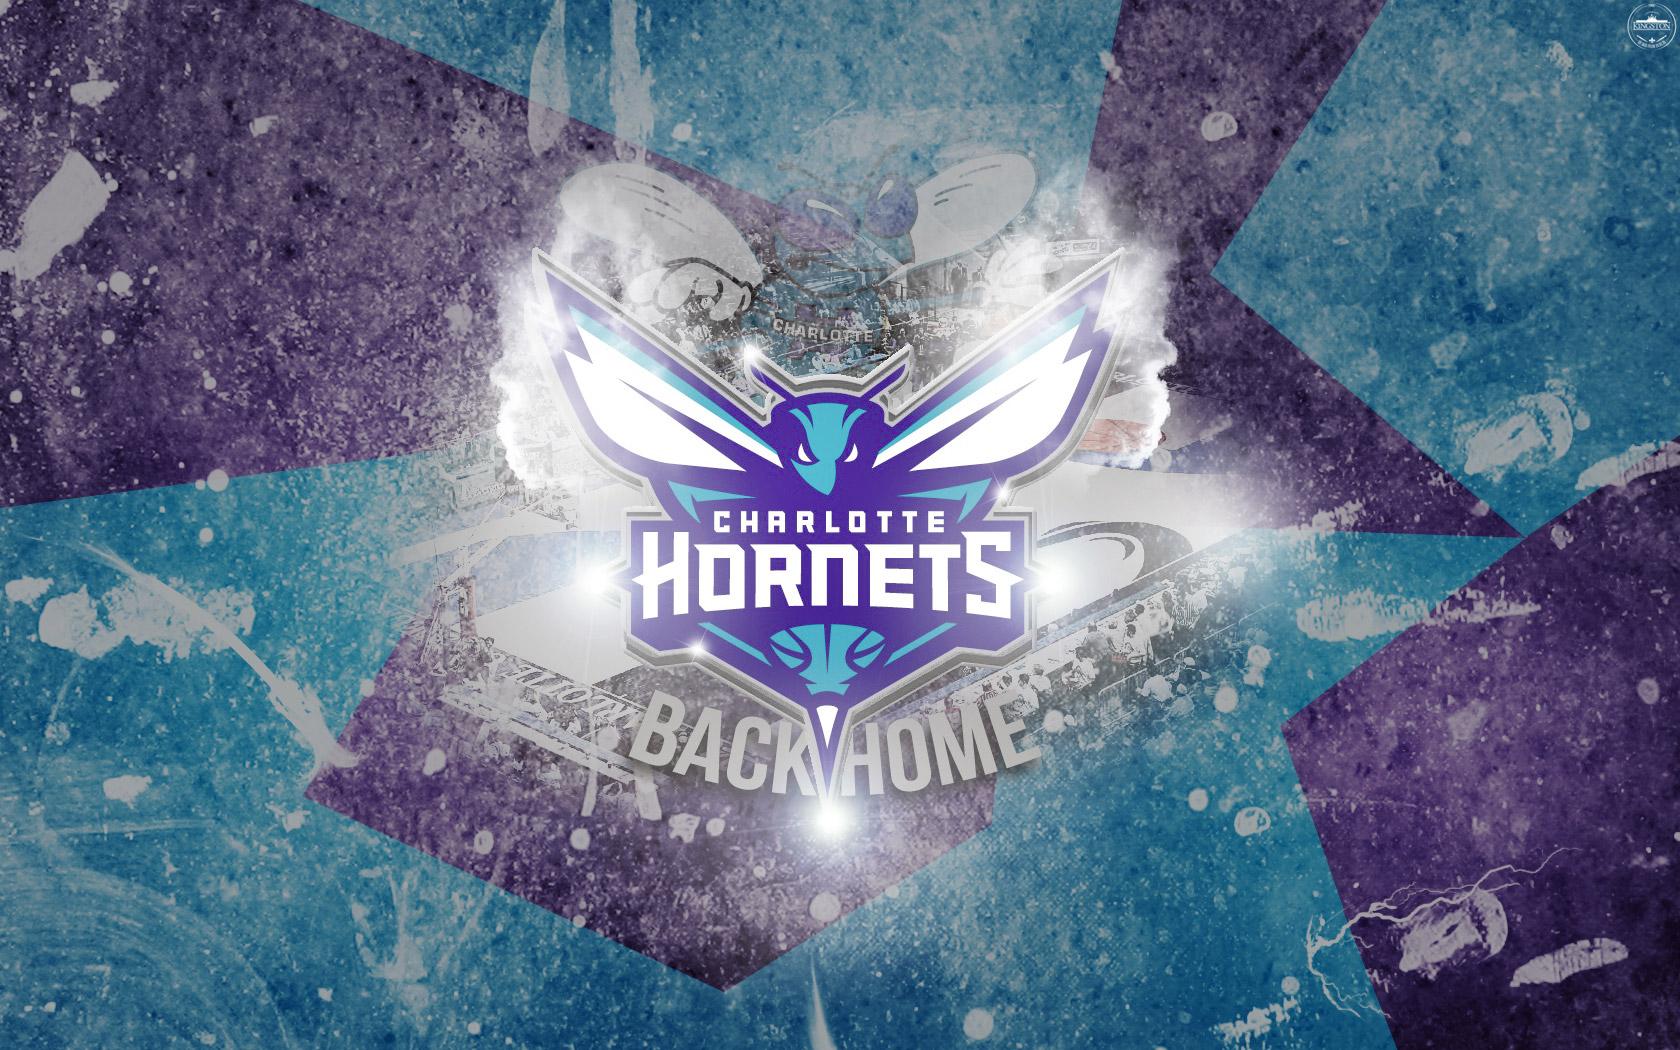 44+ Charlotte Hornets Wallpaper on WallpaperSafari